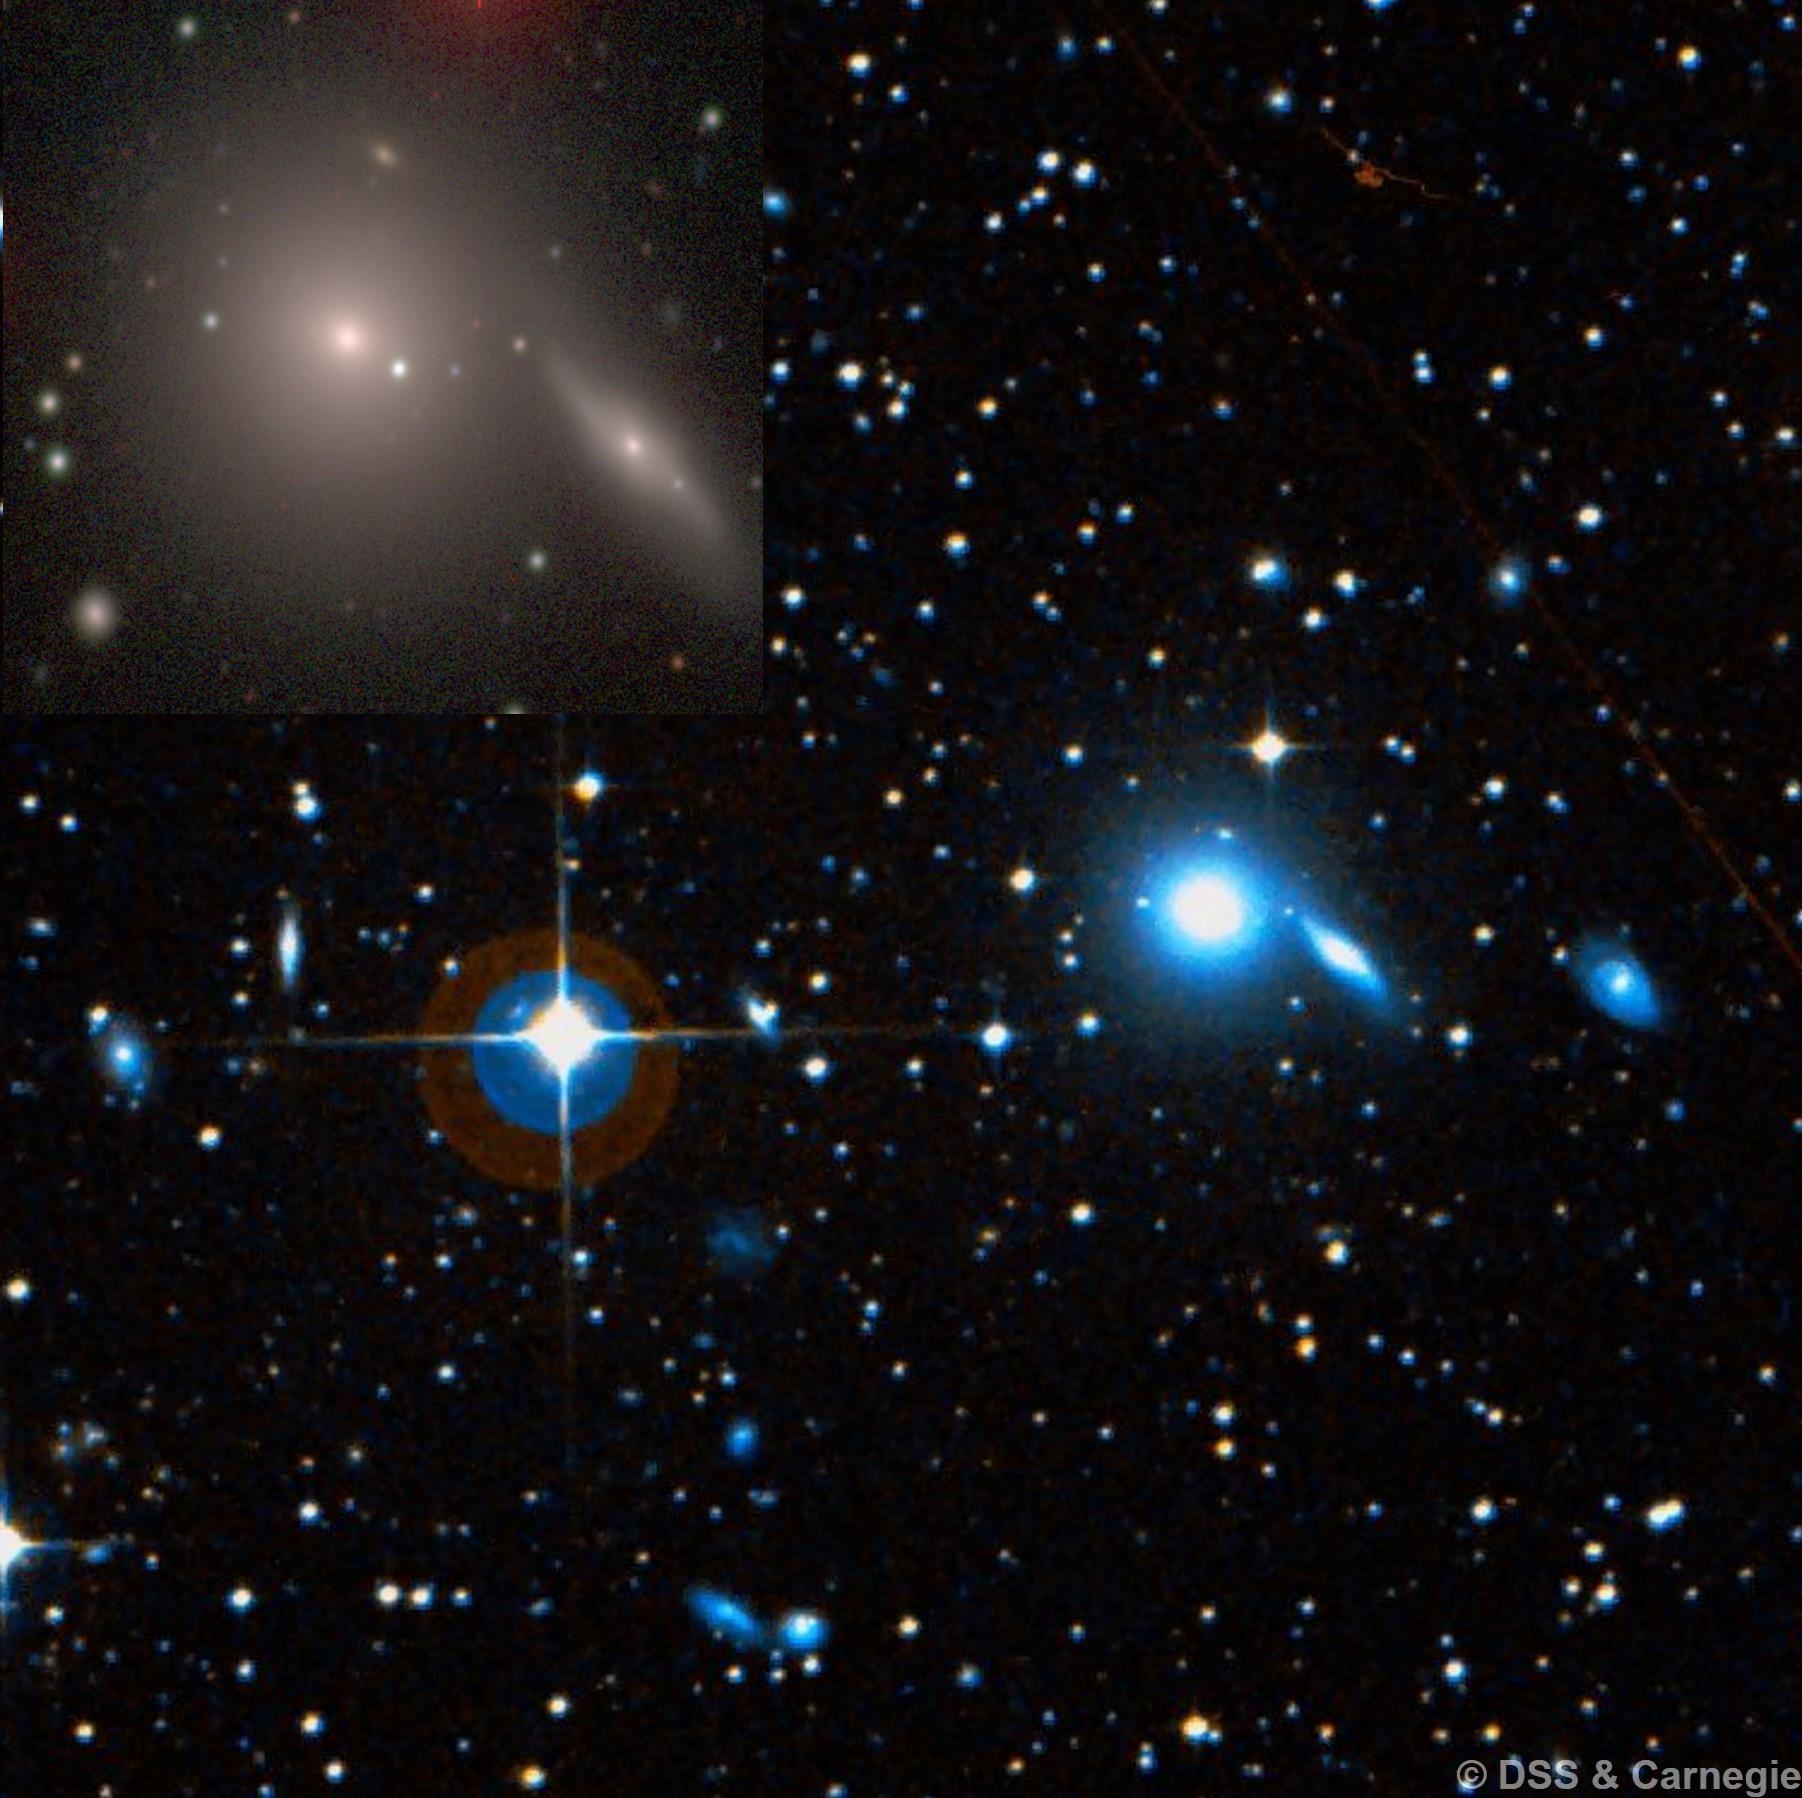 NGC 5193 & NGC 5193A